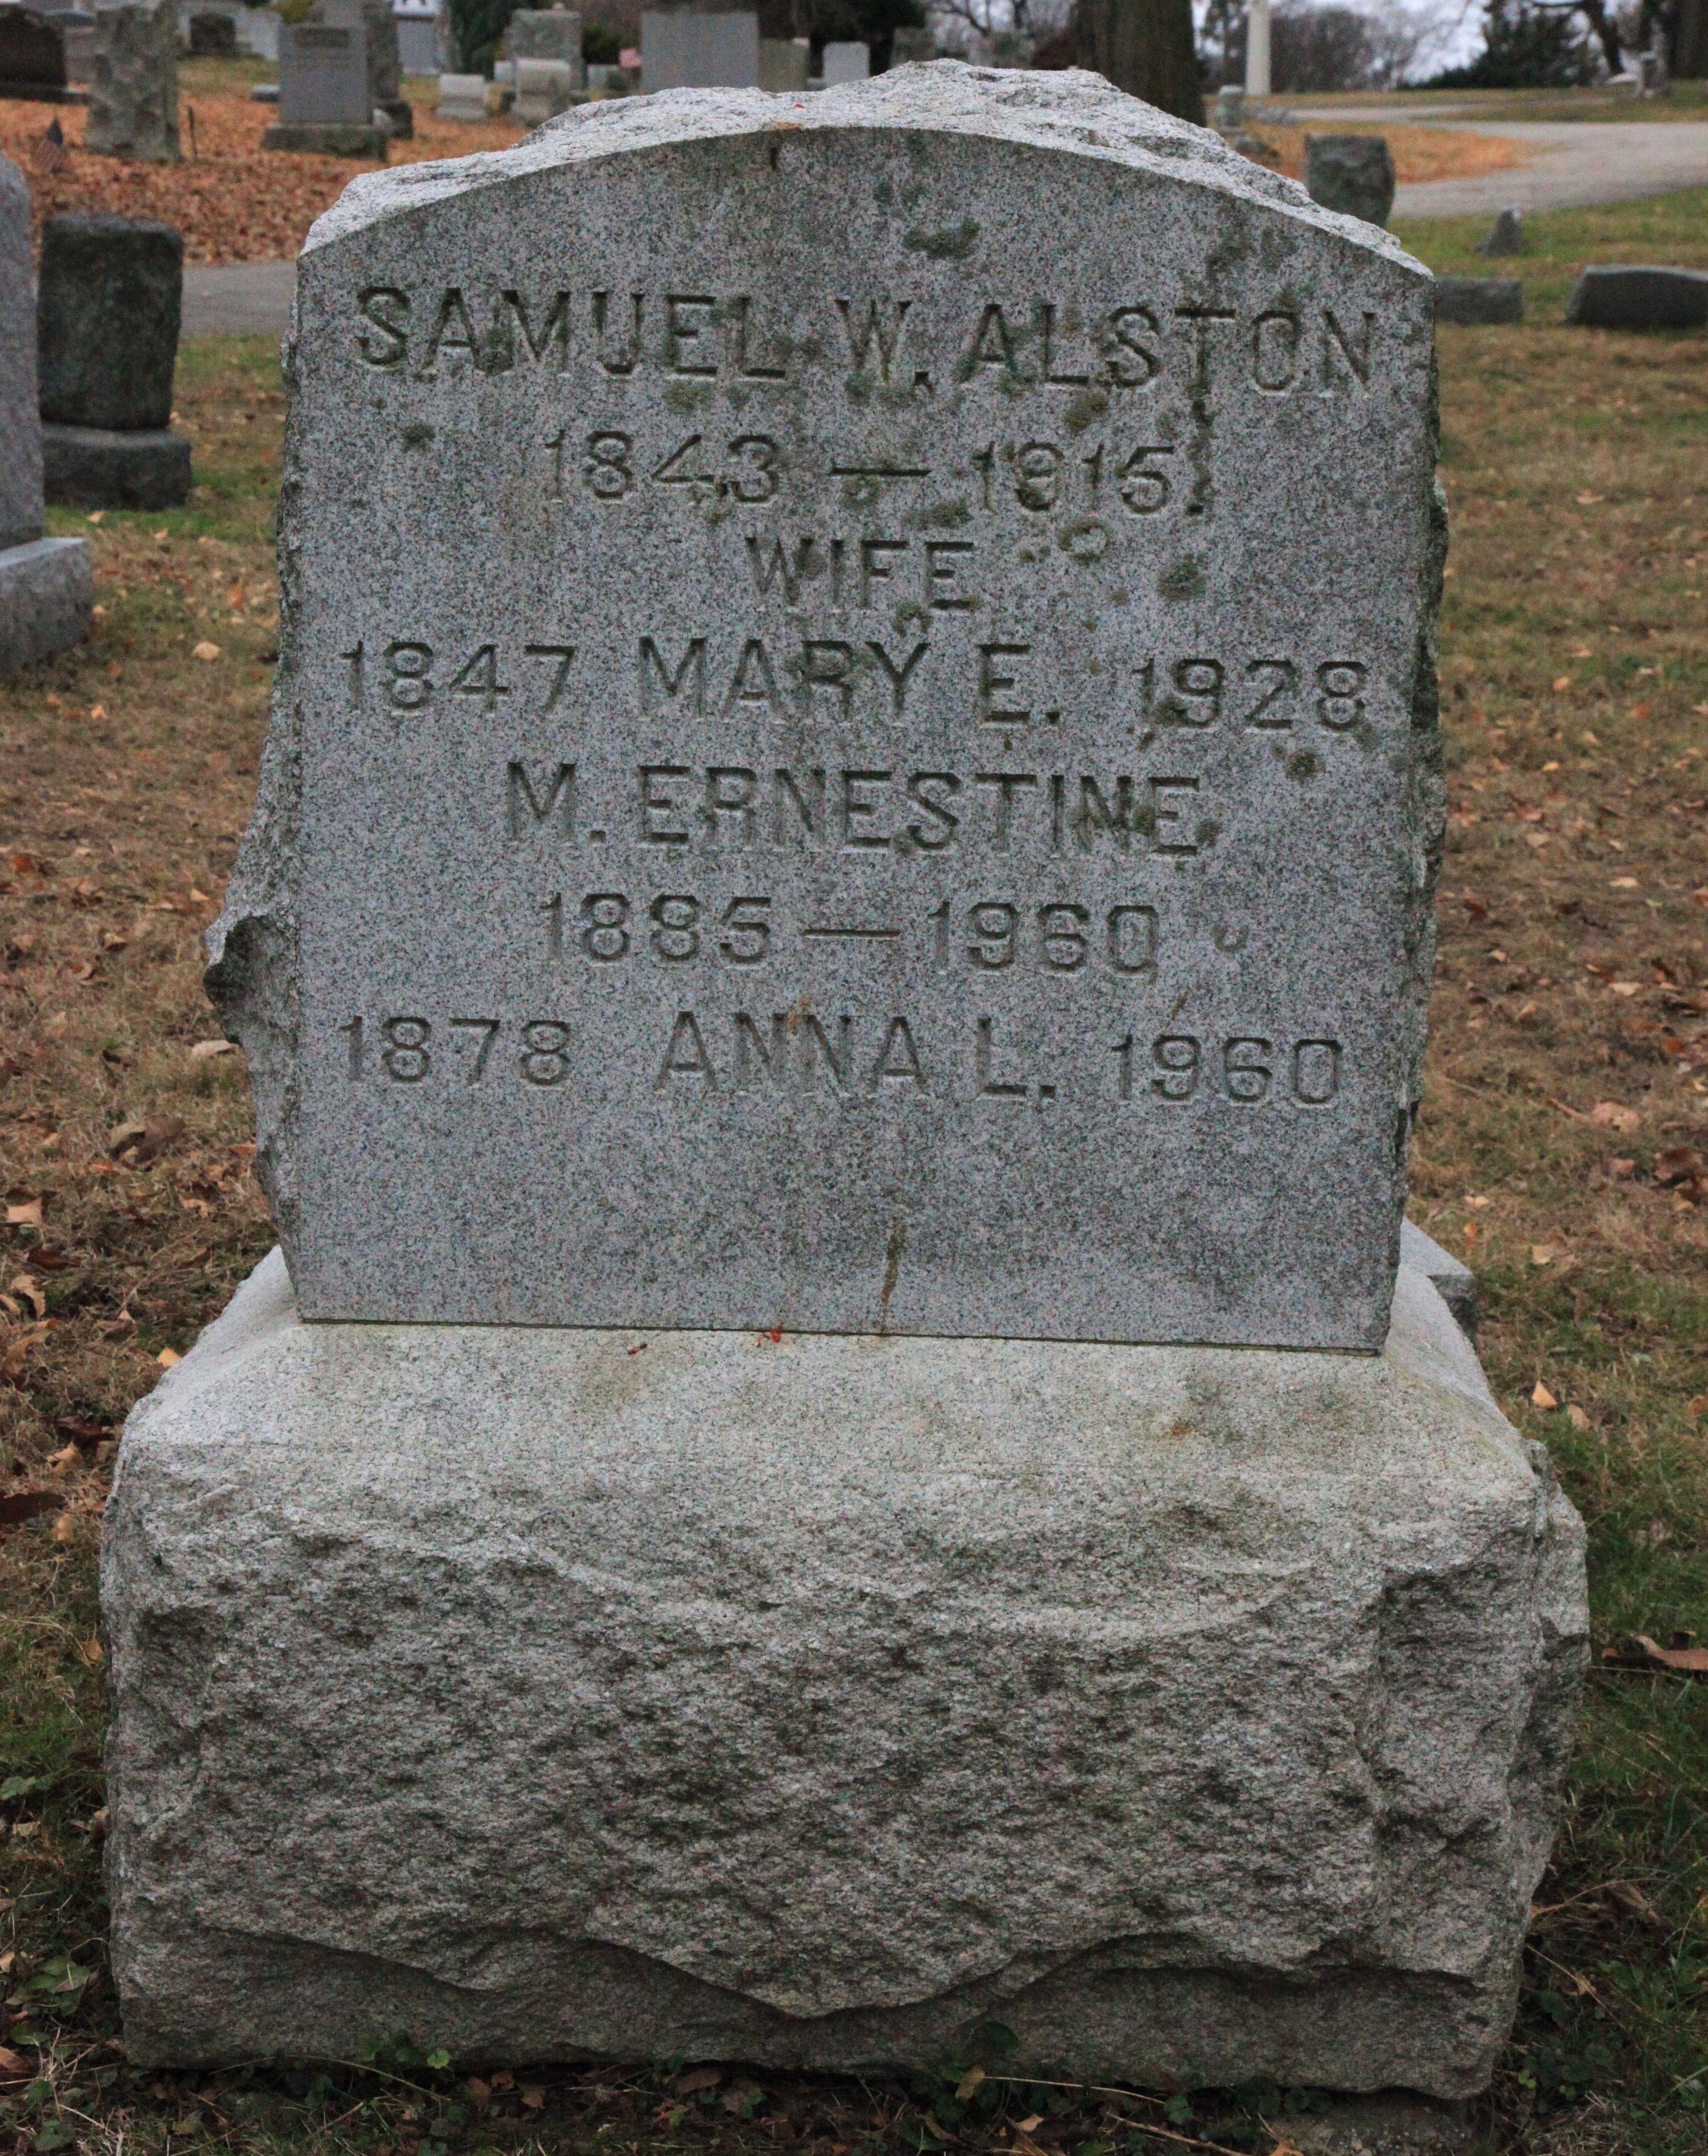 Pvt Samuel Warren Alston